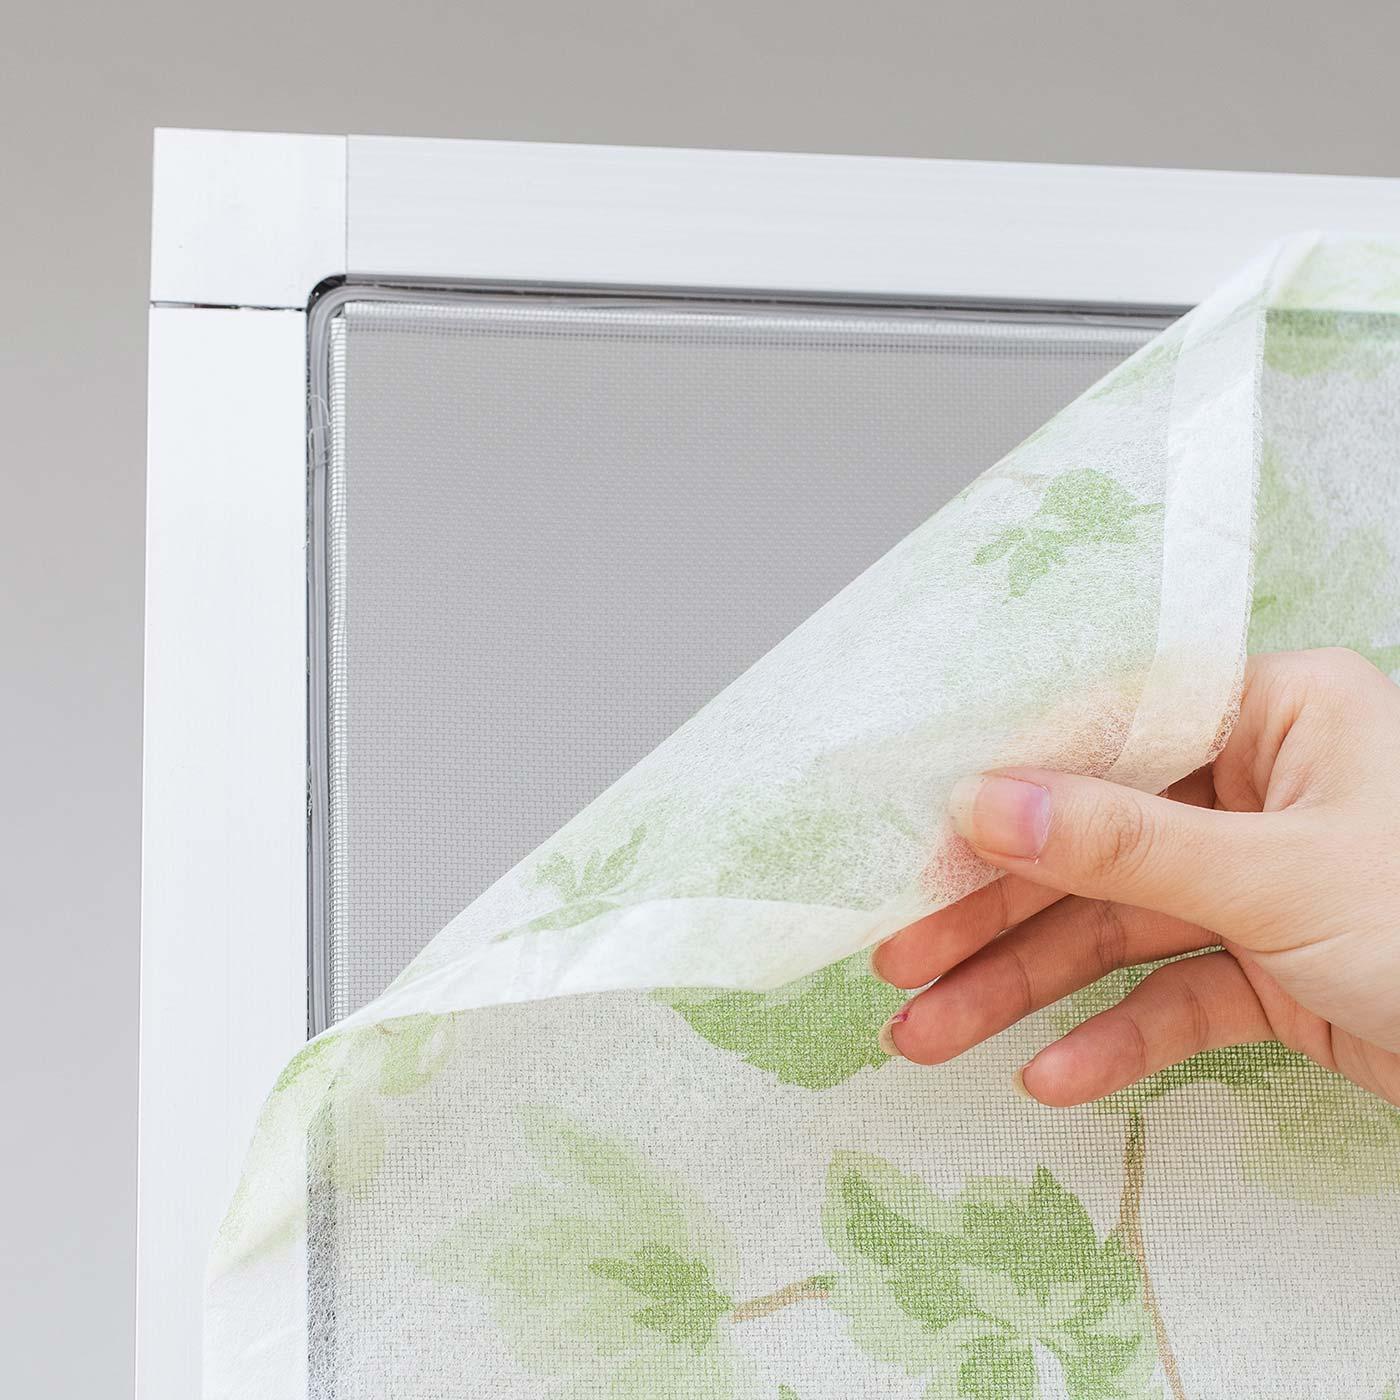 取り換え簡単。シーズンオフに取り換えるだけでお掃除いらず。いつでもすがすがしい窓辺に。